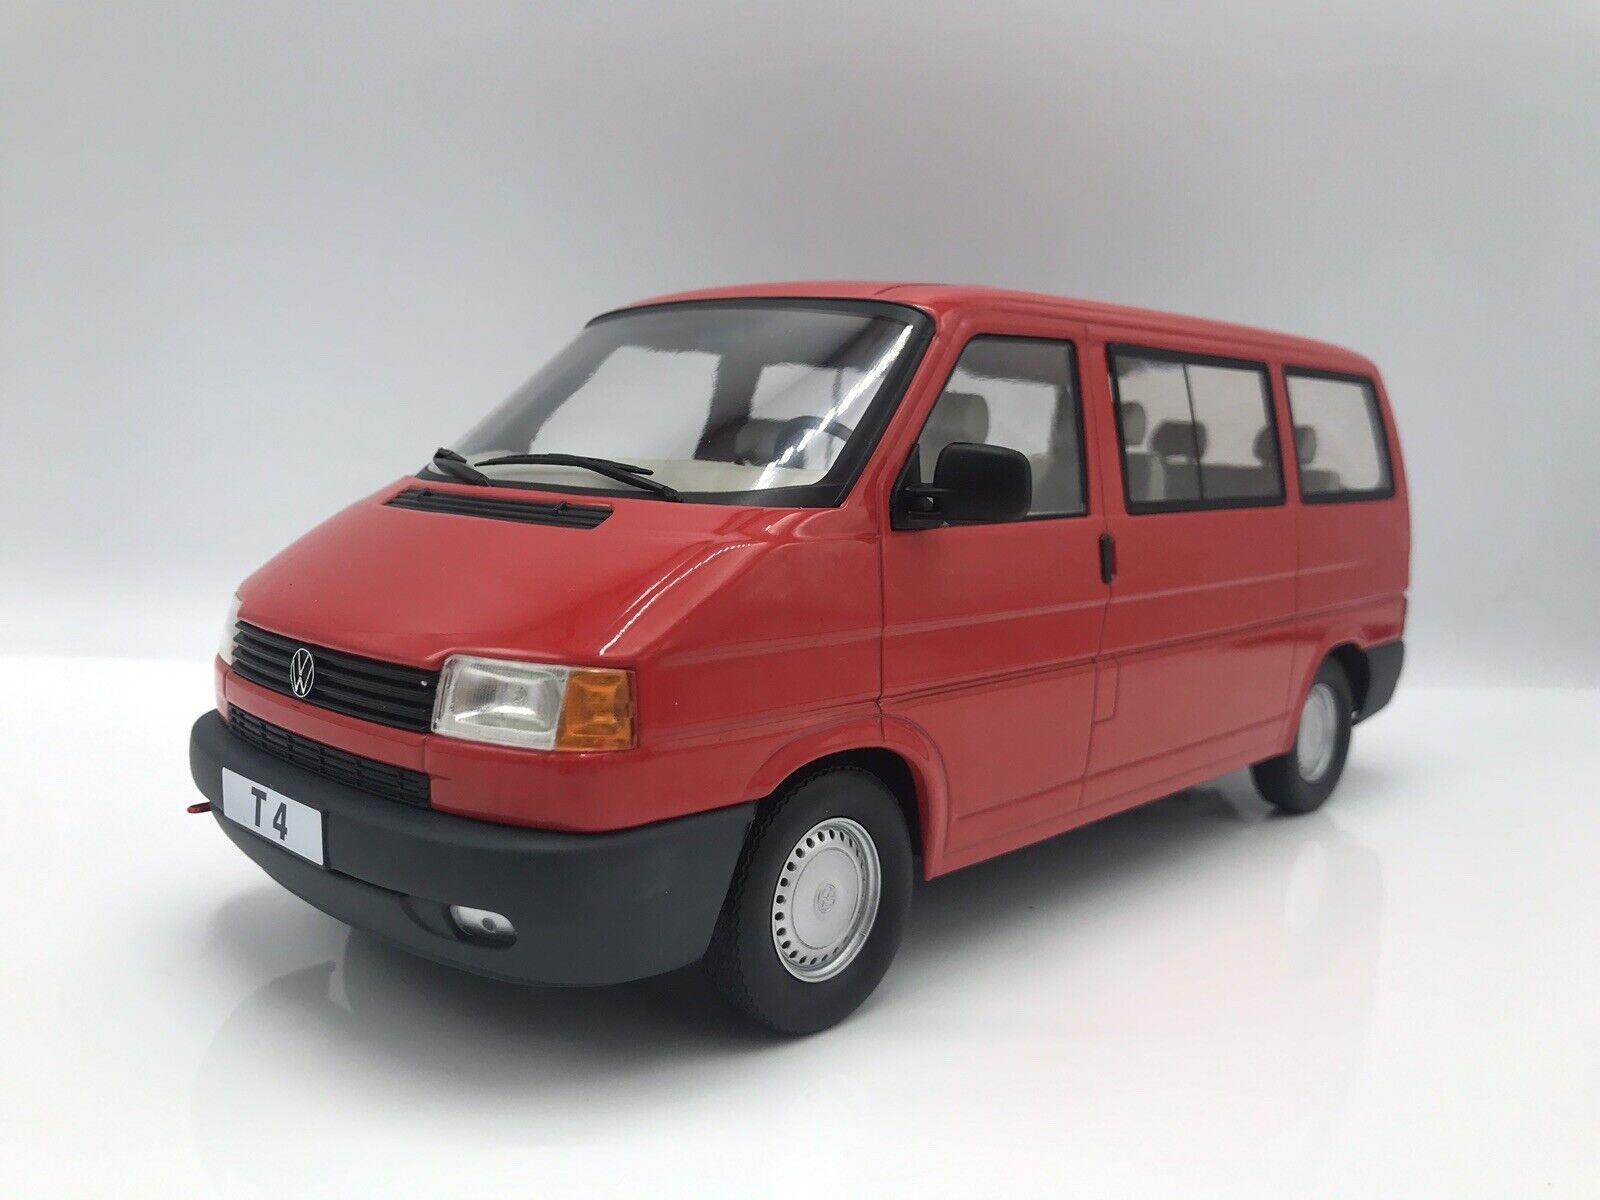 VW t4 CARAVELLE 1992 rojo Bus BULLI - 1 18 KK-scale  NEW